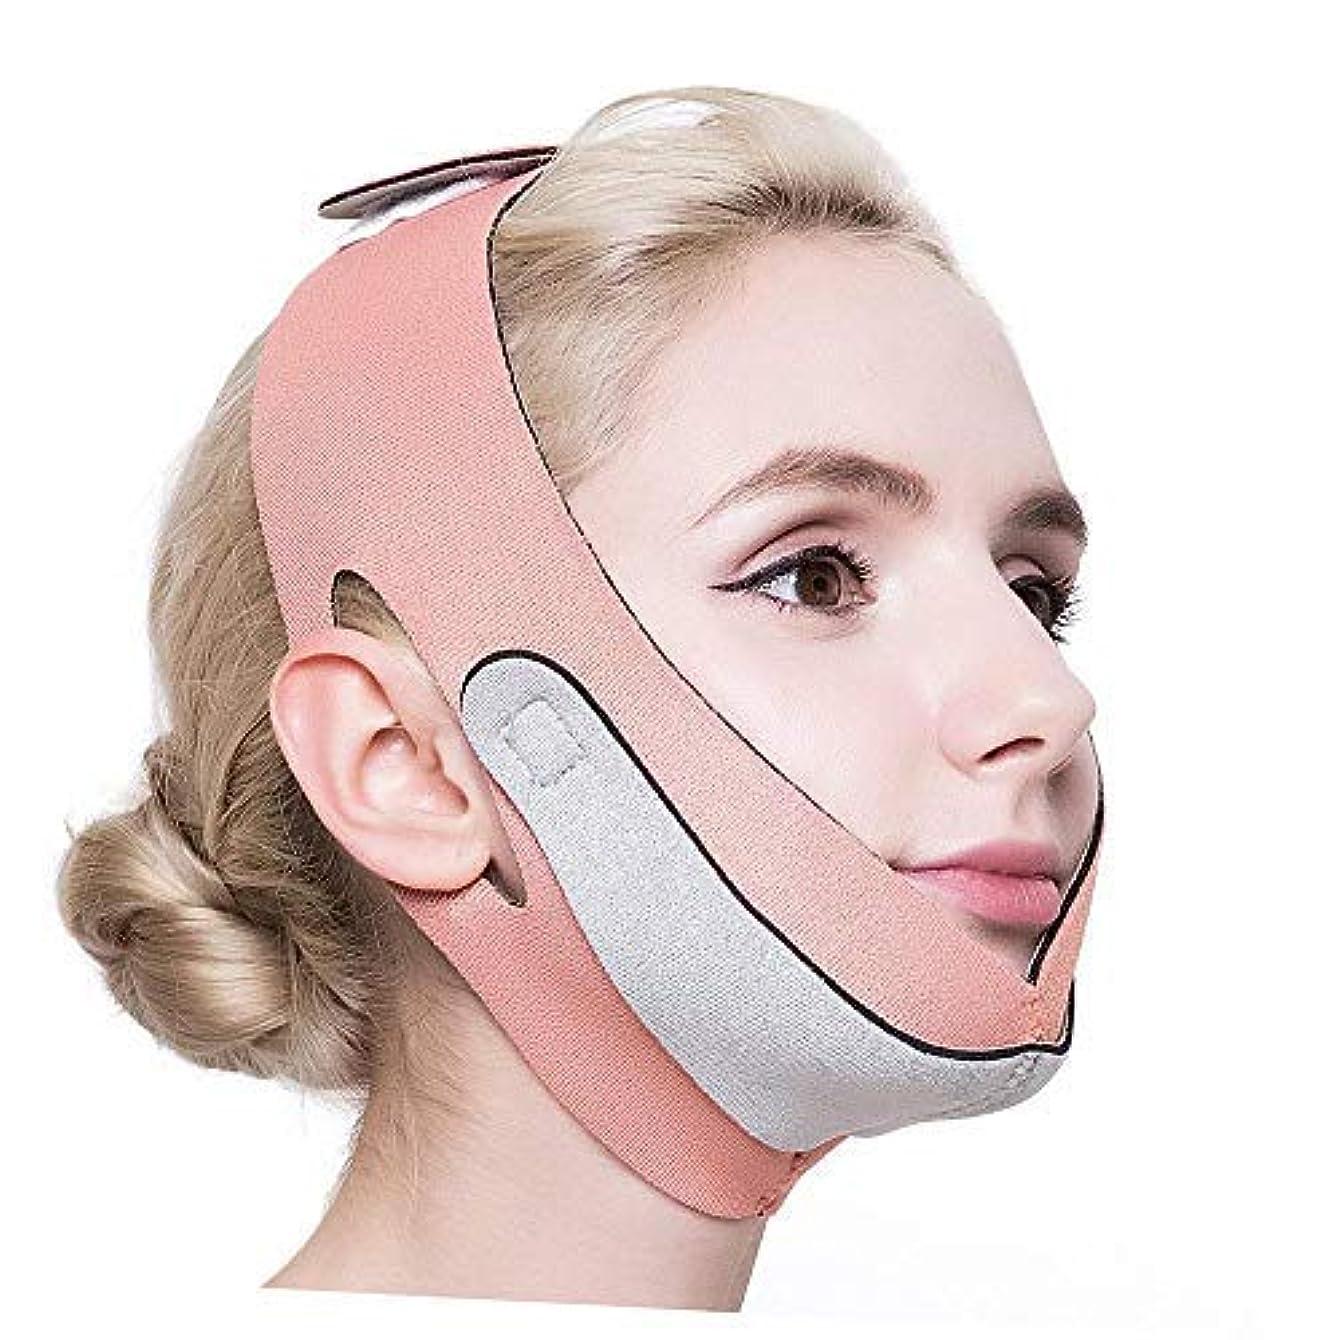 舌な保護するサイレントcoraly 小顔 矯正 顔痩せ 美顔 ほうれい線予防 抗シワ 頬リ引き上げマスク レデー サポーター (ピンク)